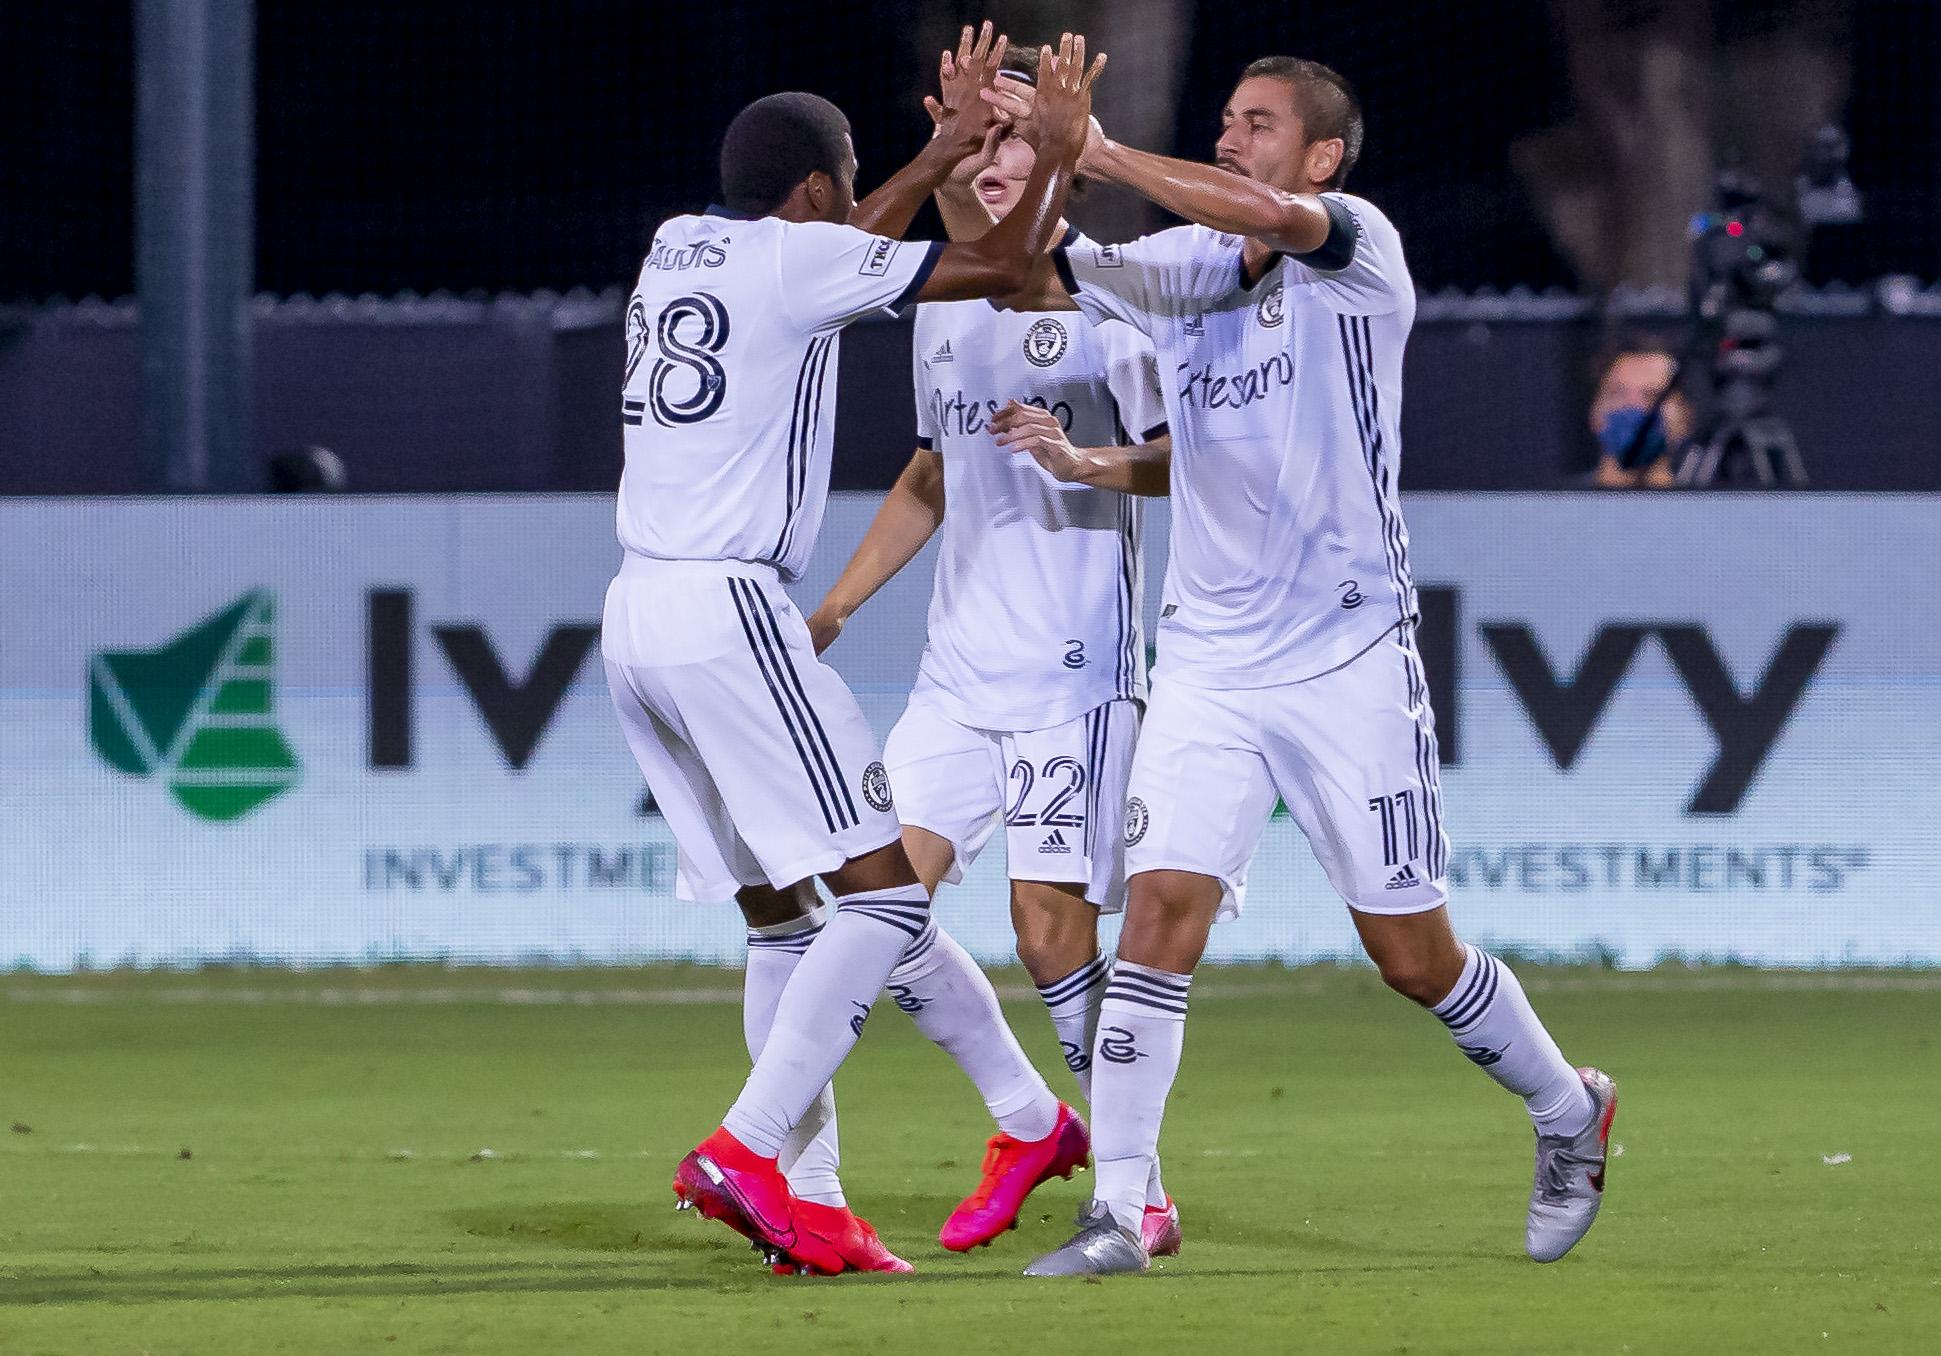 足球:7月30日MLS是回到四分之一决赛 - 费城工会诉堪萨斯城体育会